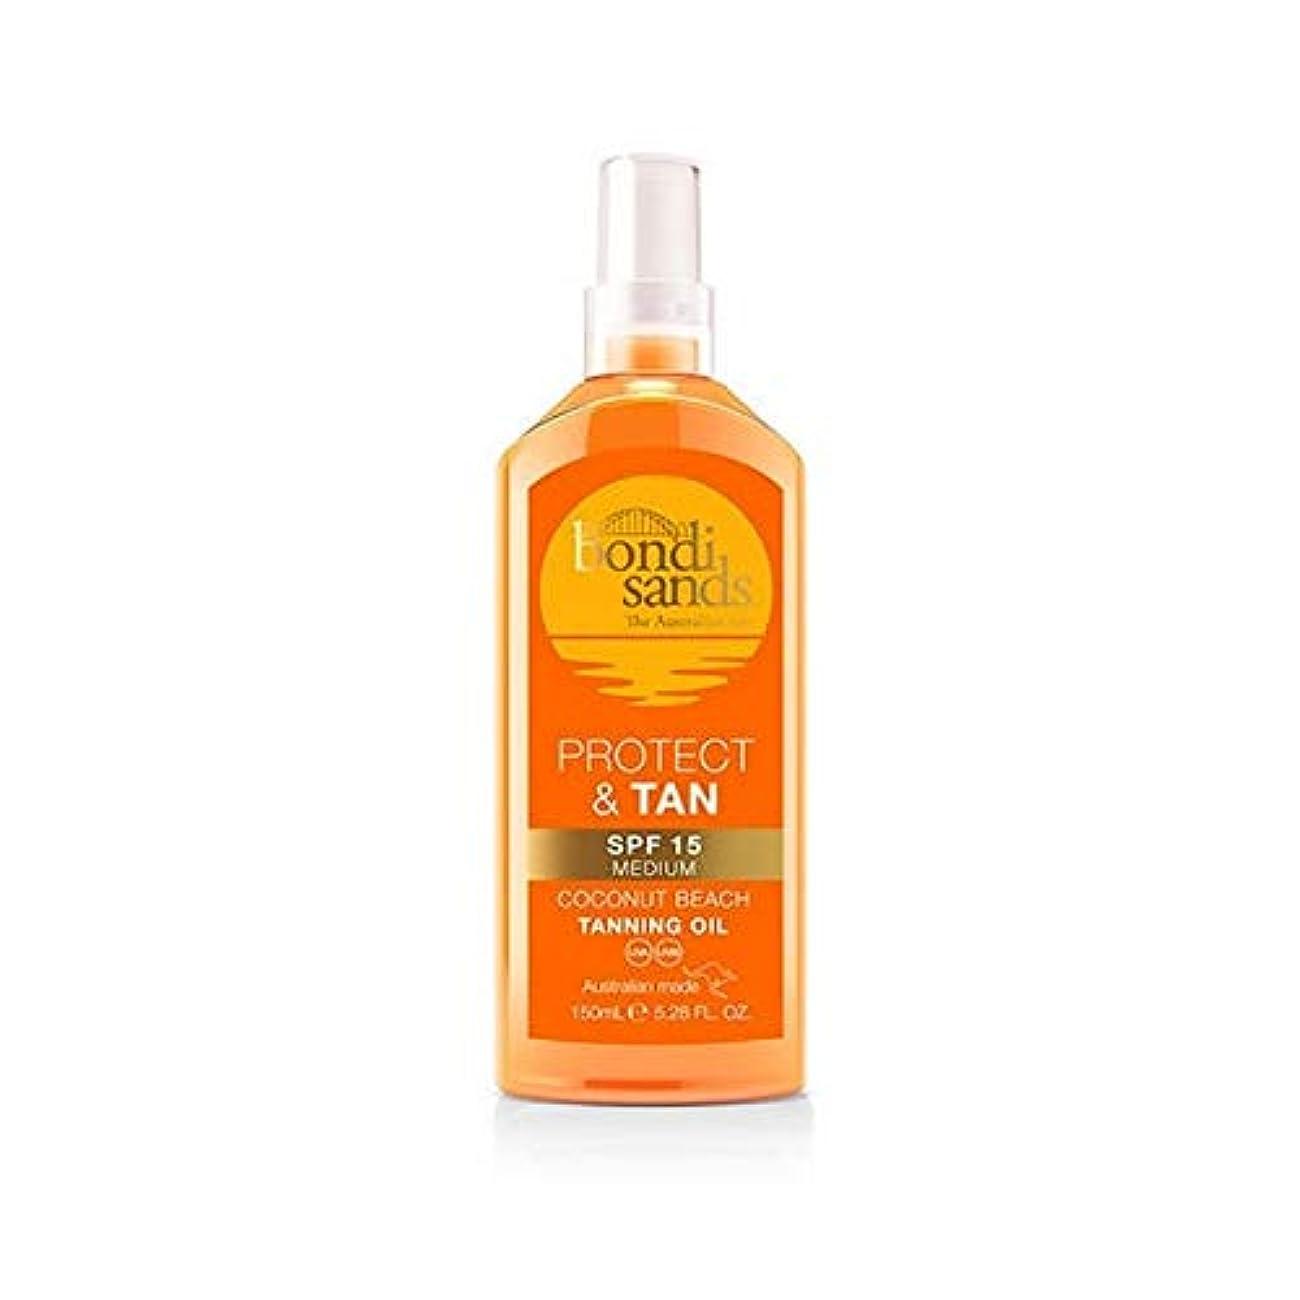 巡礼者荒らす聴く[Bondi Sands ] ボンダイ砂は、保護&日焼け日焼けオイルSpf 15 - Bondi Sands Protect & Tan Tanning Oil SPF 15 [並行輸入品]